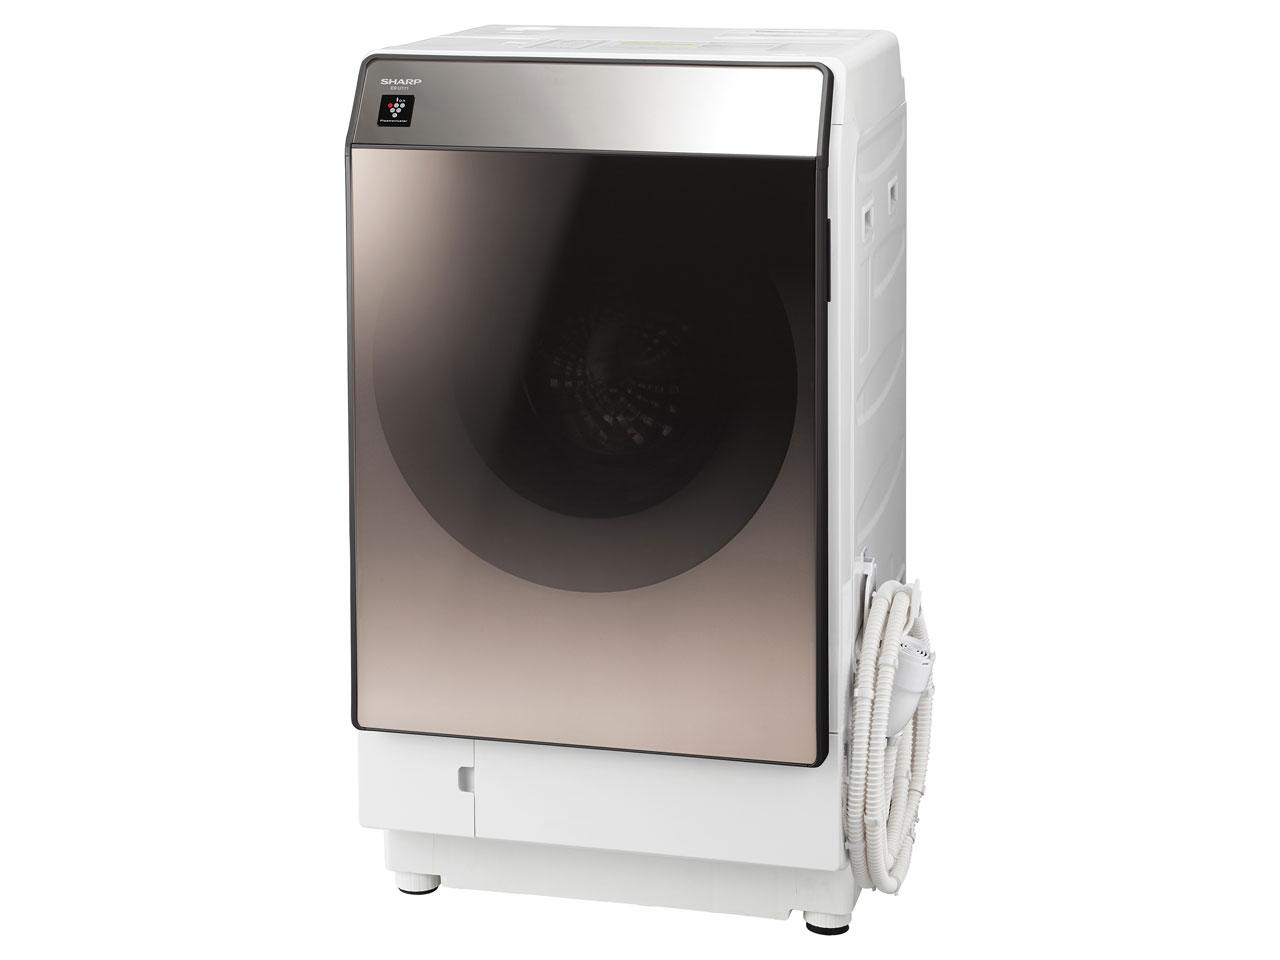 シャープ 11.0kg ドラム式洗濯乾燥機ES-U111-TL【左開き】